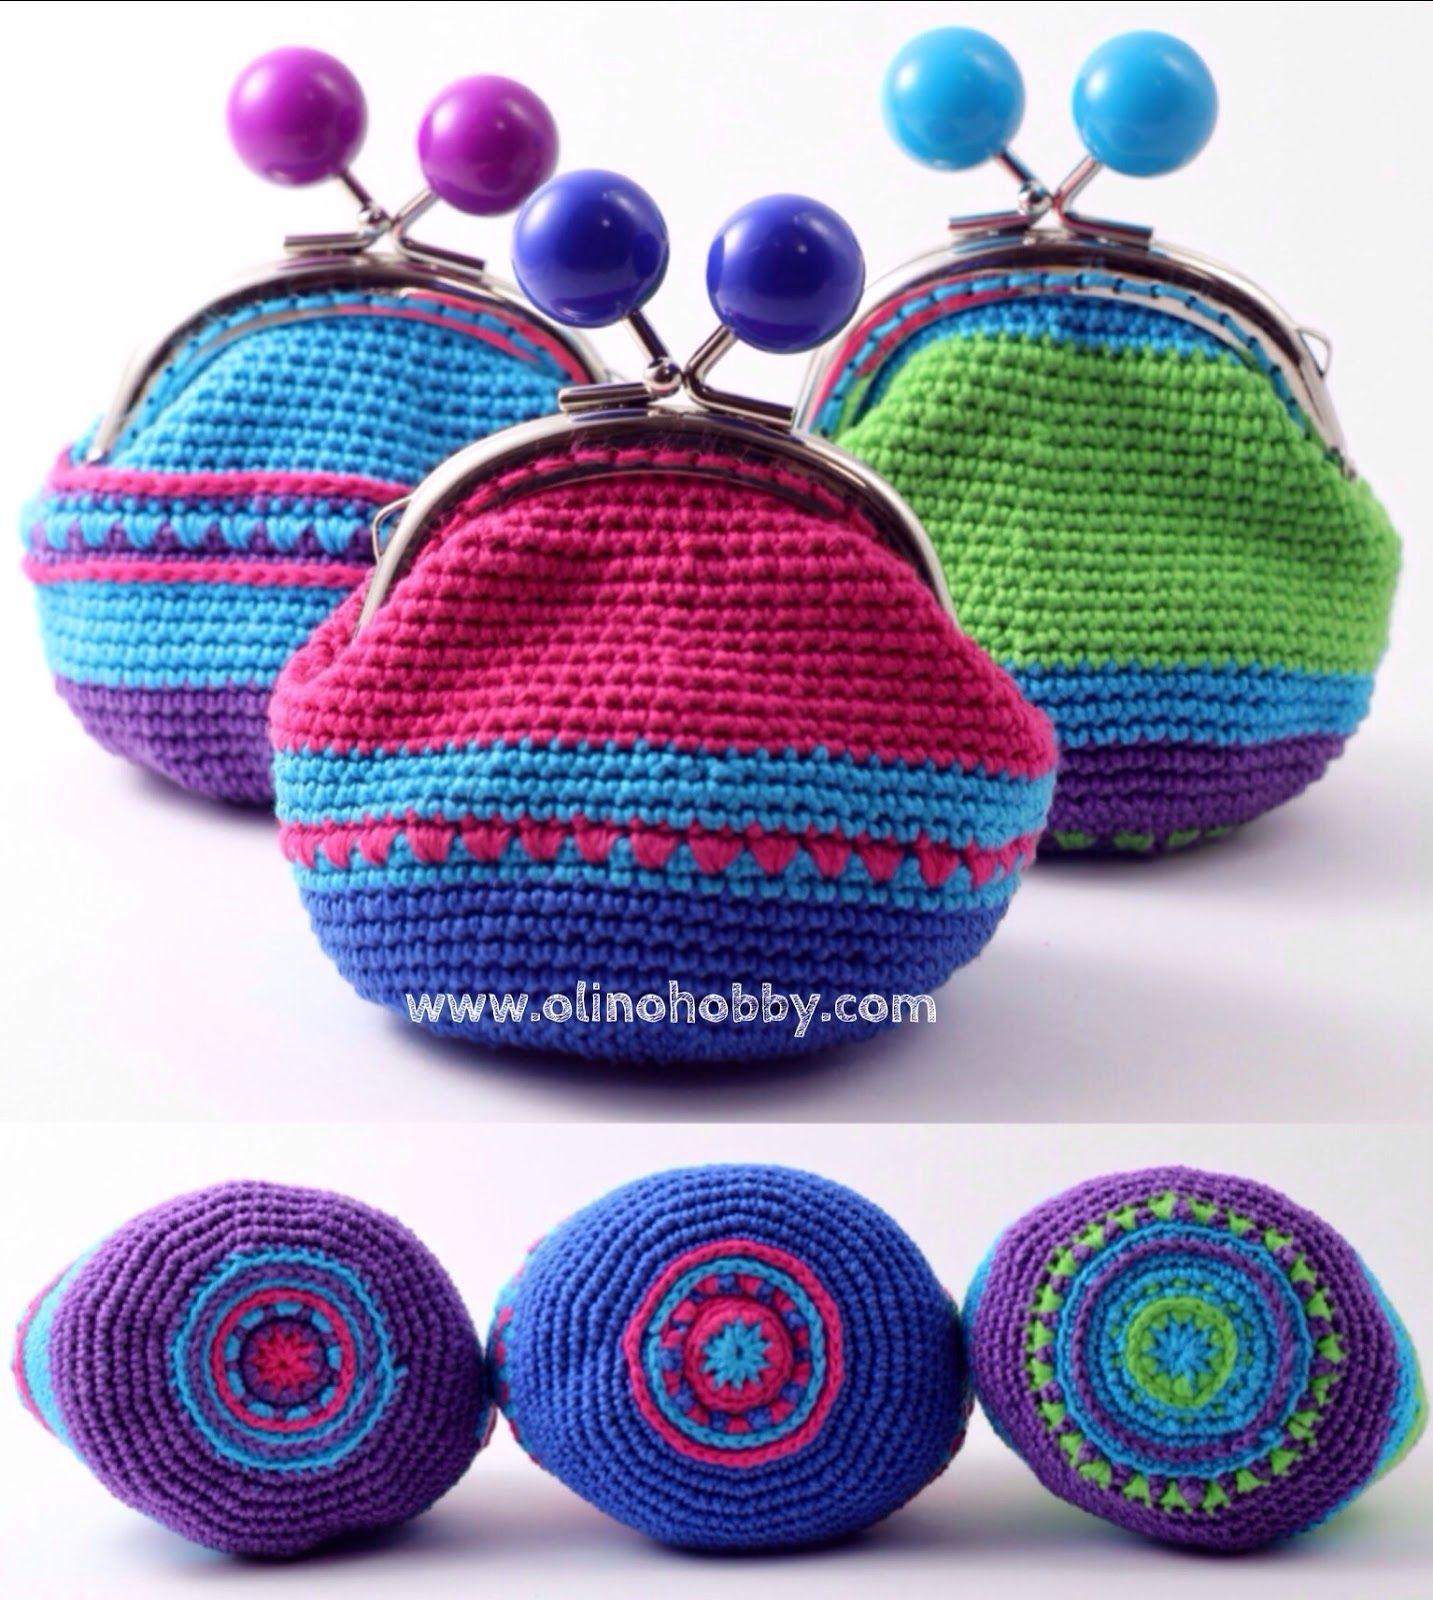 OlinoHobby: crochet purses https://www.pinterest.com/source/lovekalovelythings.blogspot.com/